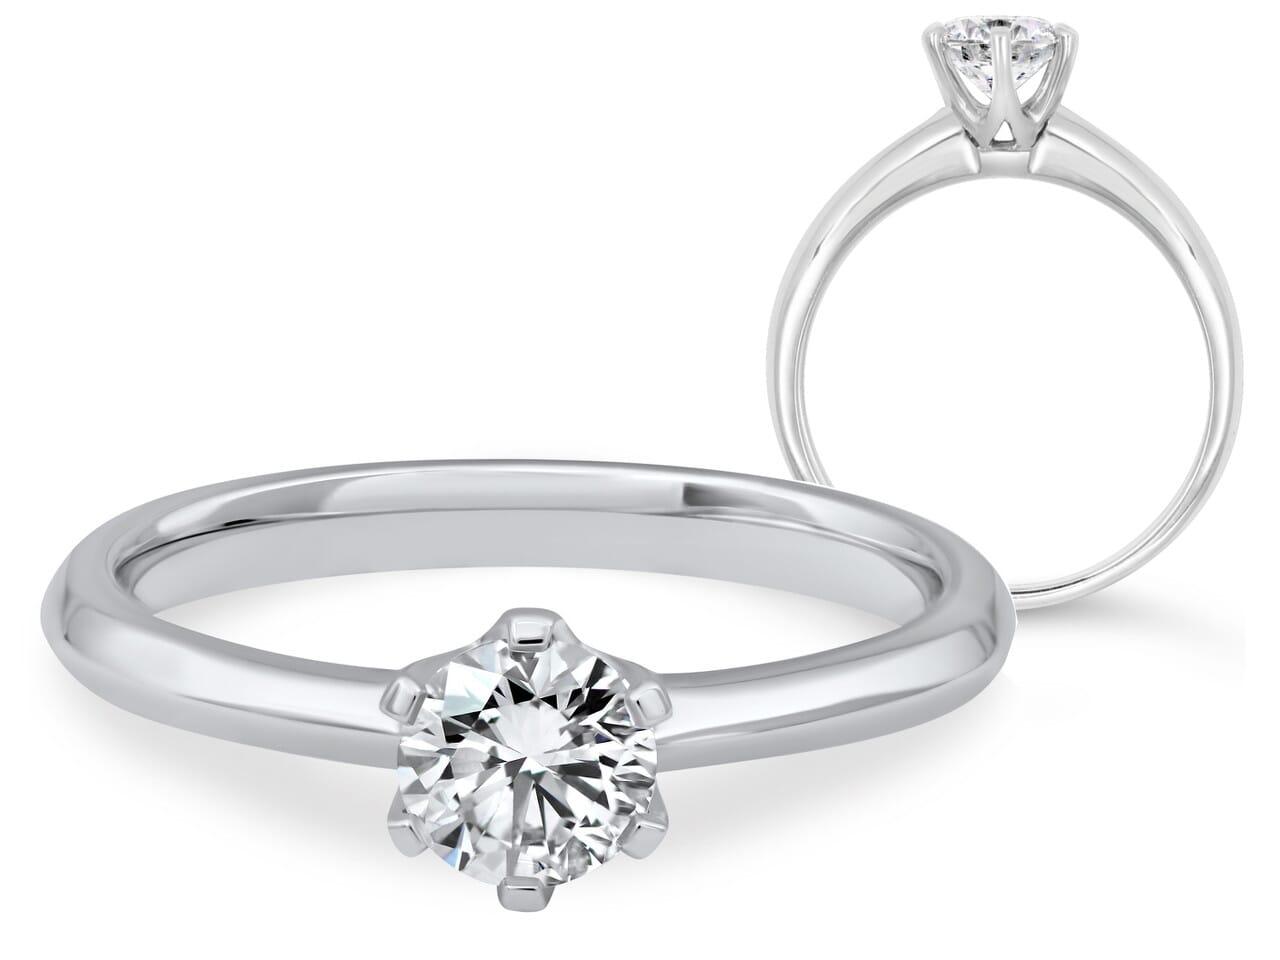 Verlobungsringe mit Edelsteinen | BREEDIA